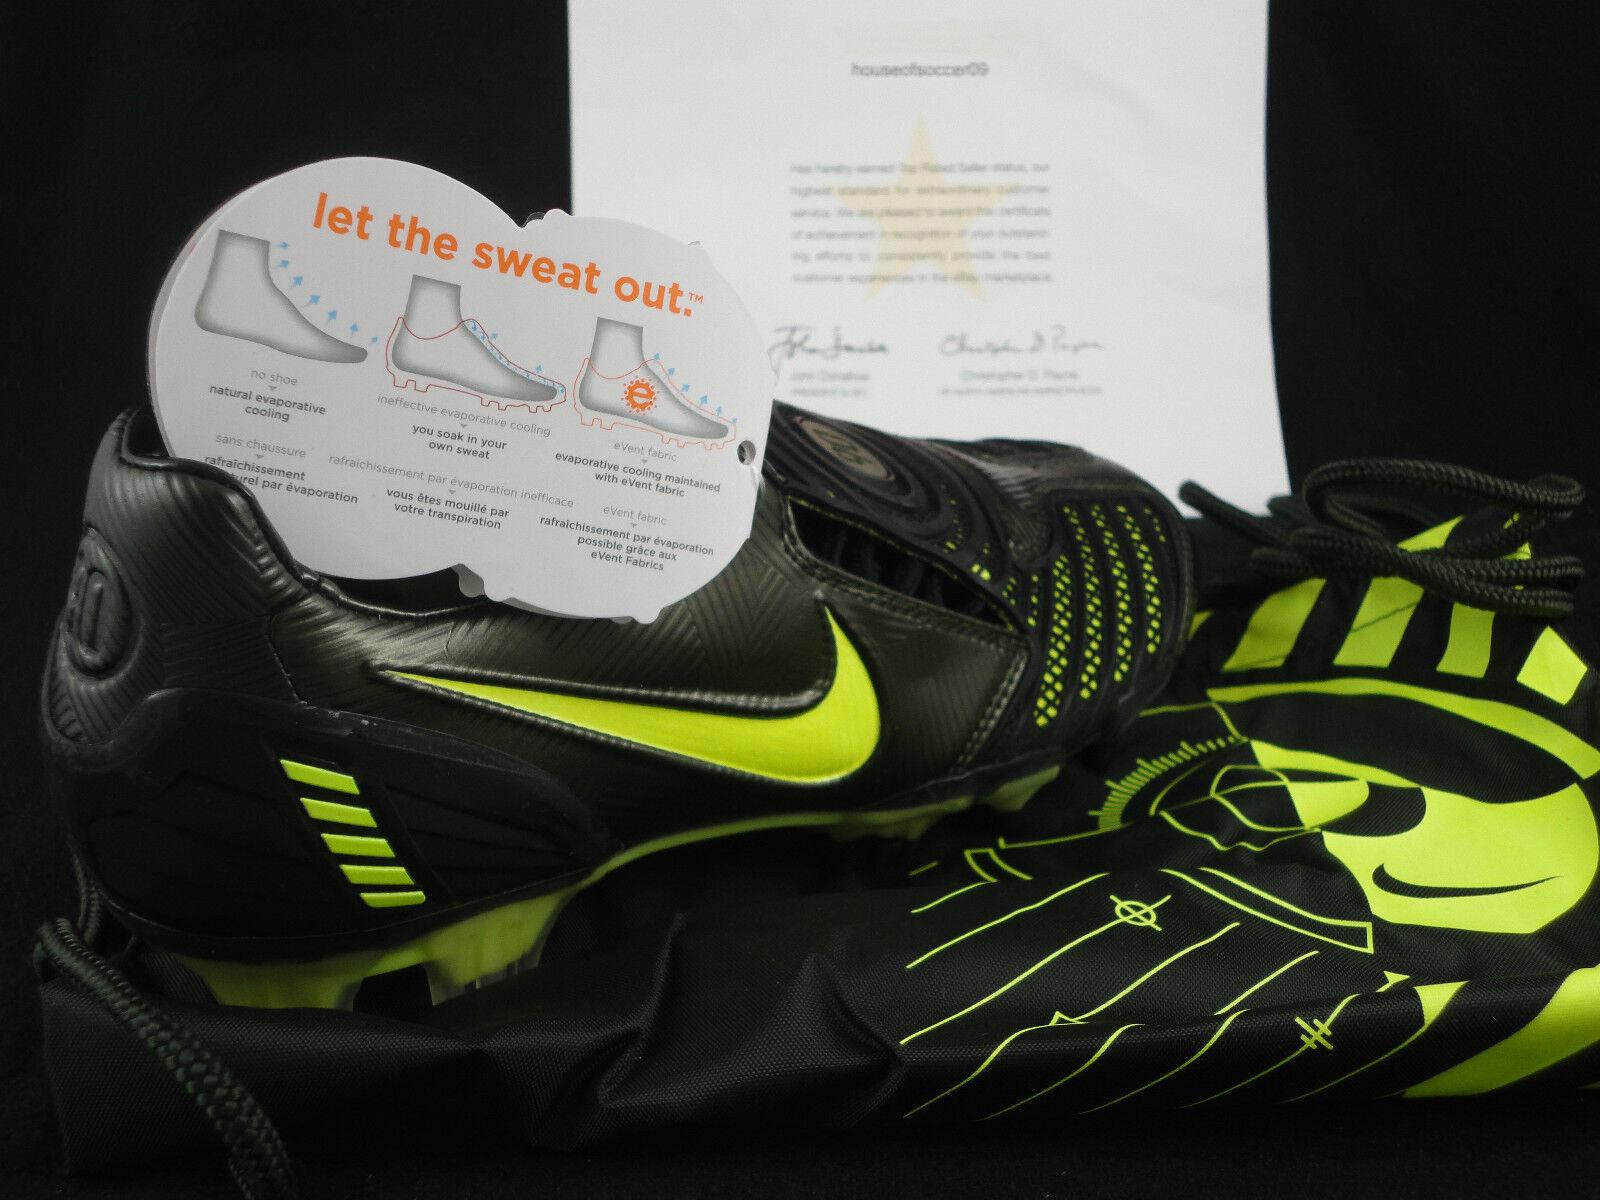 Nike totale vendita 90 laser ii fg, vendita totale al dettaglio 190.00 nero neon sz 6.5, per un totale di 90, 2008 - 84d850